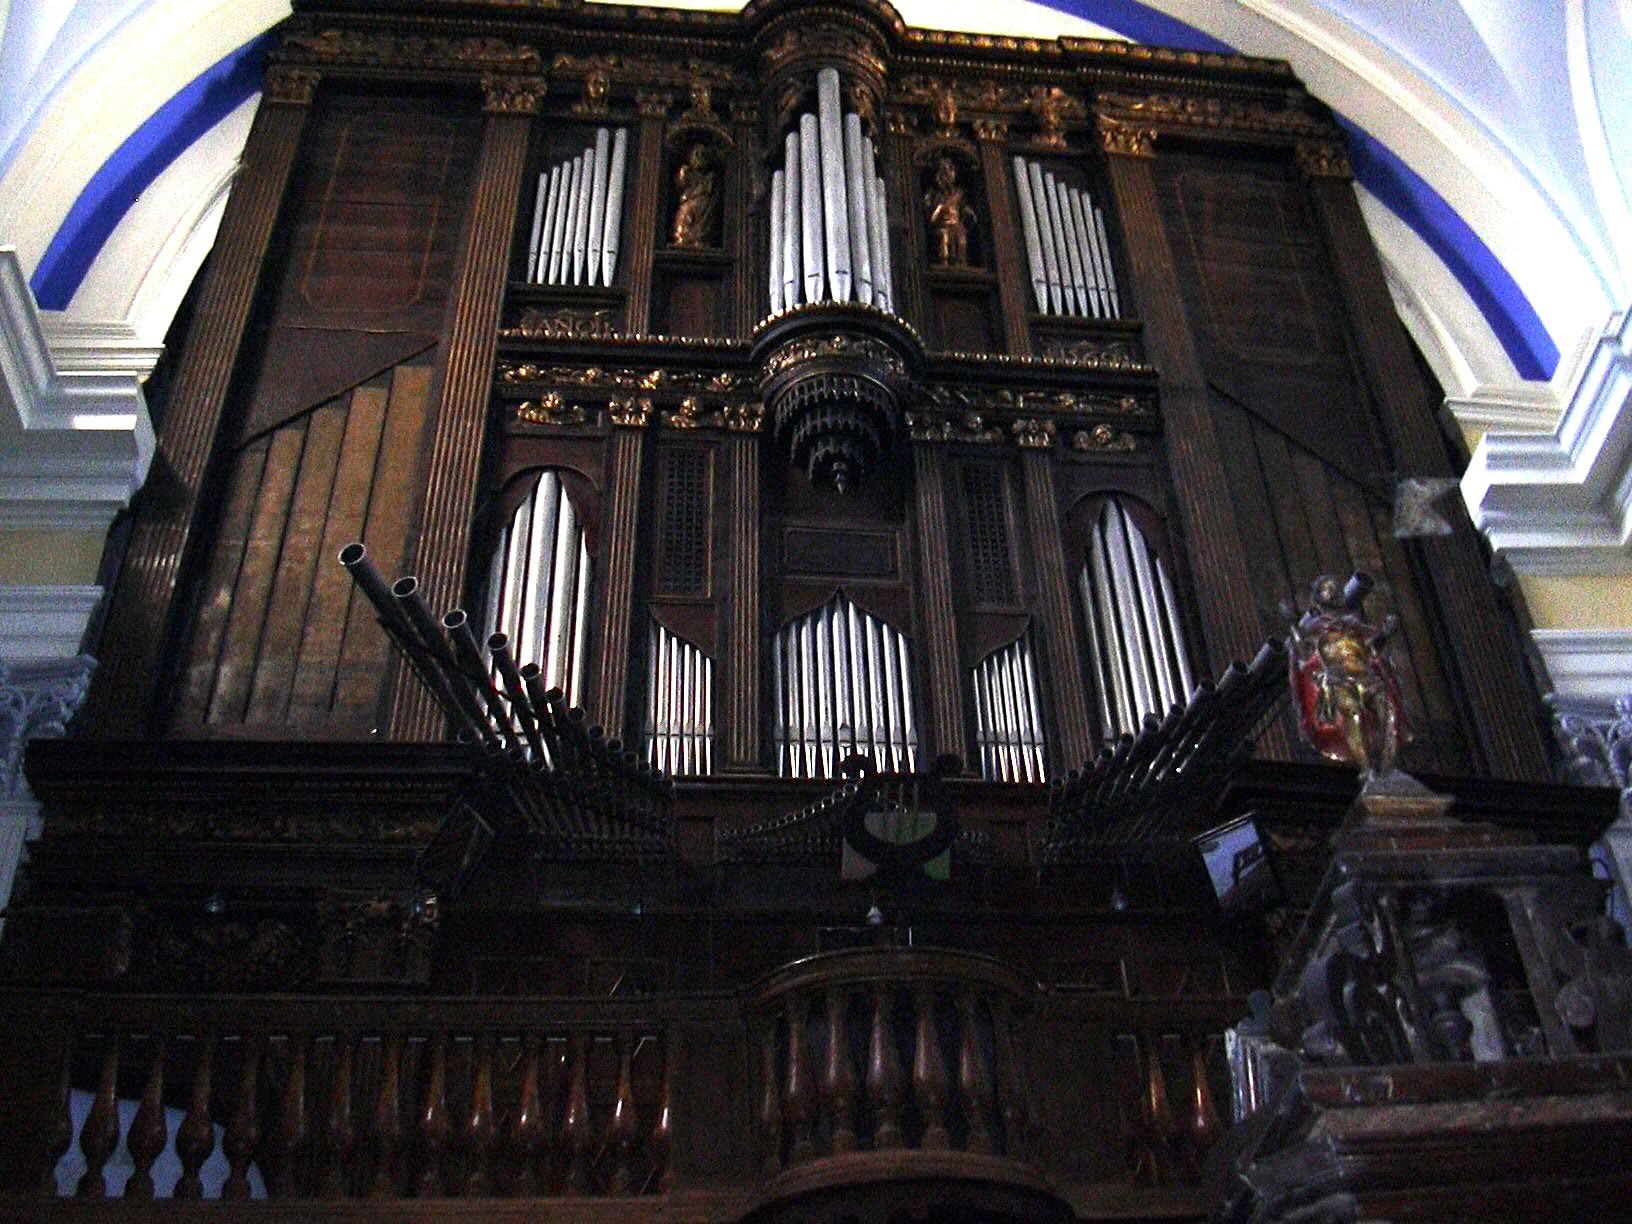 Órgano de la Colegiata de Borja, datado en 1569. Todas las grandes iglesias debían tener un órgano cuya música acompañaba la misa.